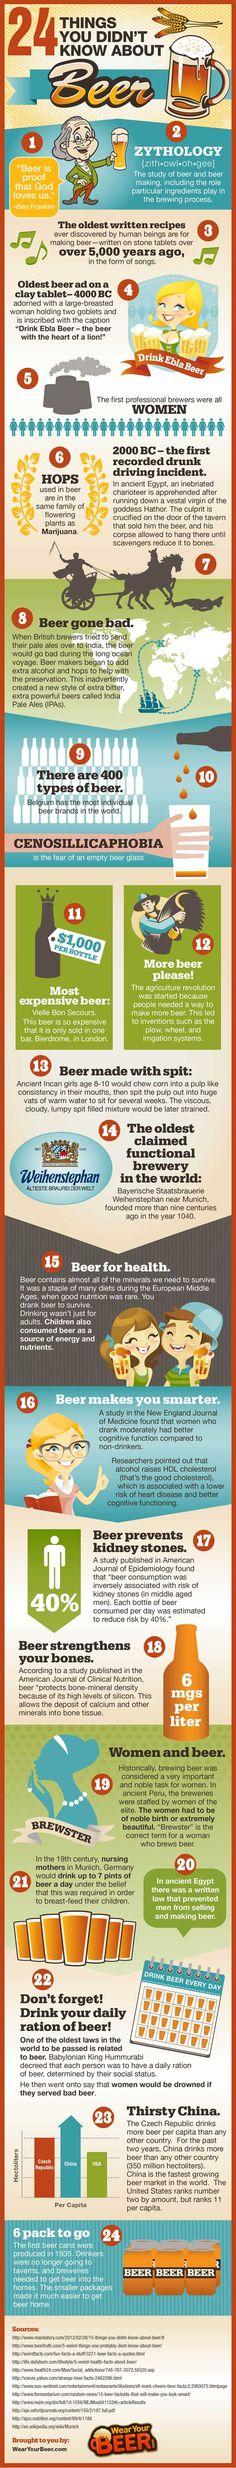 24 datos interesantes sobre la cerveza  #infografia #socialmedia #beer